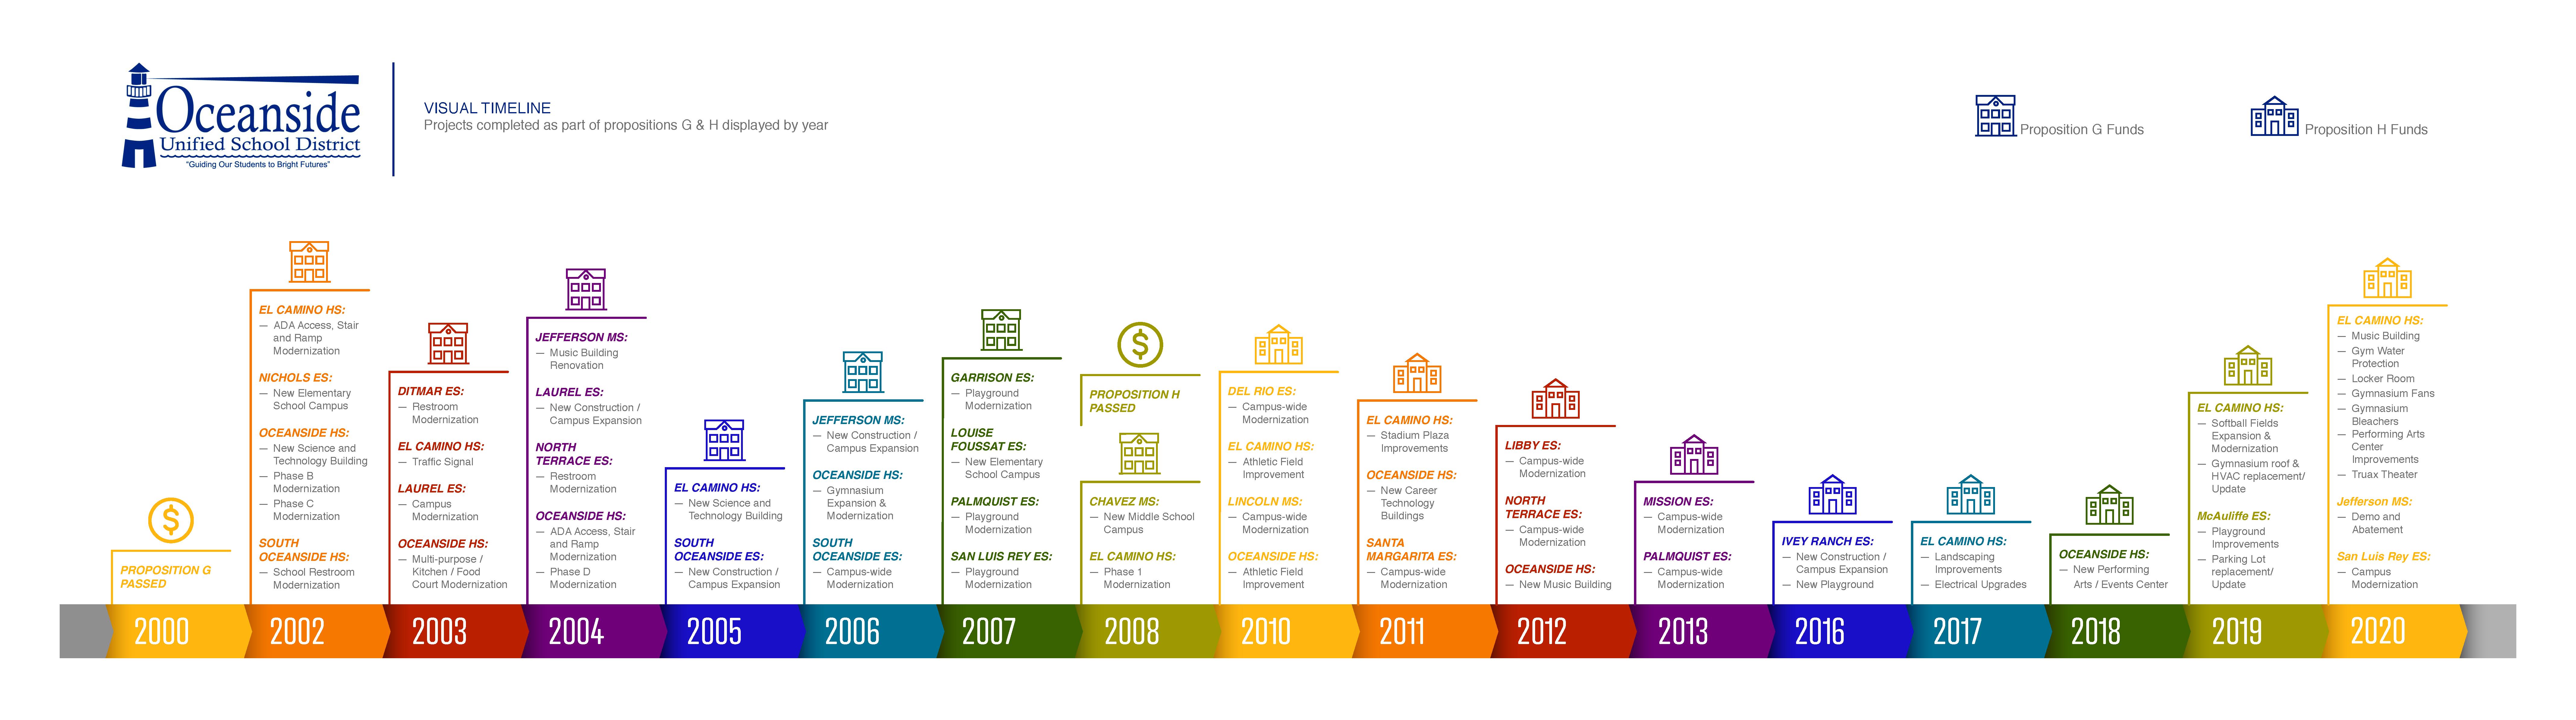 Timeline 2000 2010 12 2020